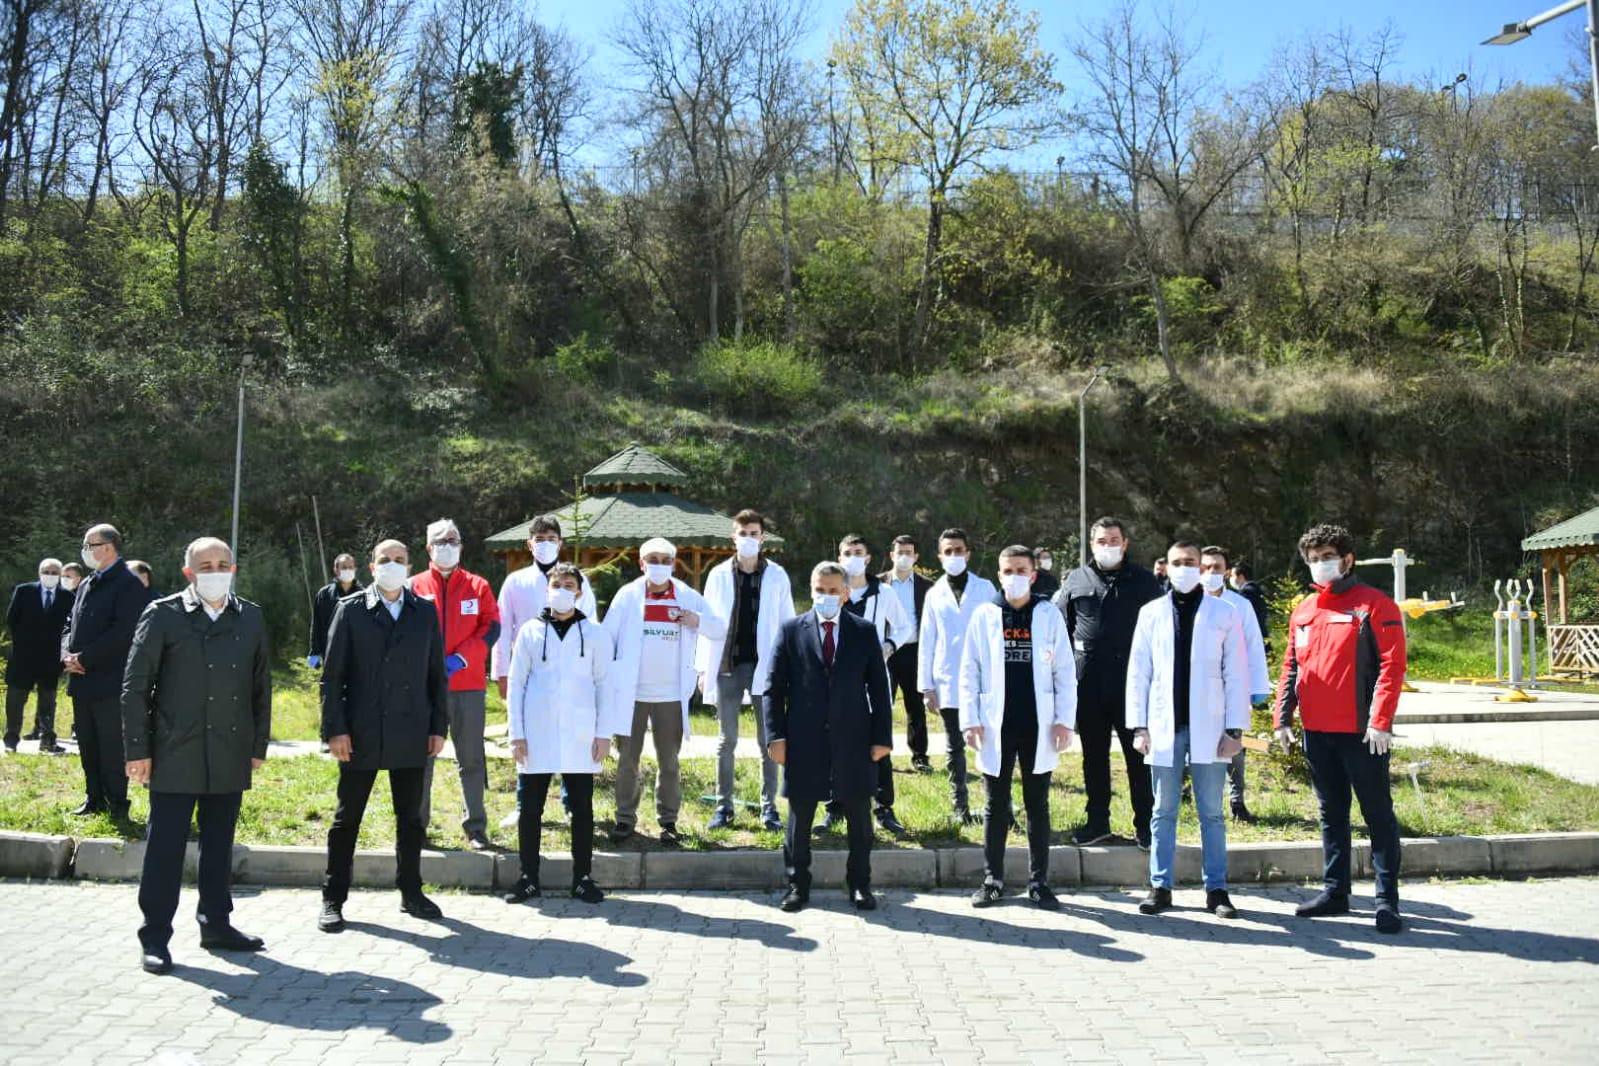 Gözlem Altında Tutulan Öğrenciler Evlerine Uğurlandı